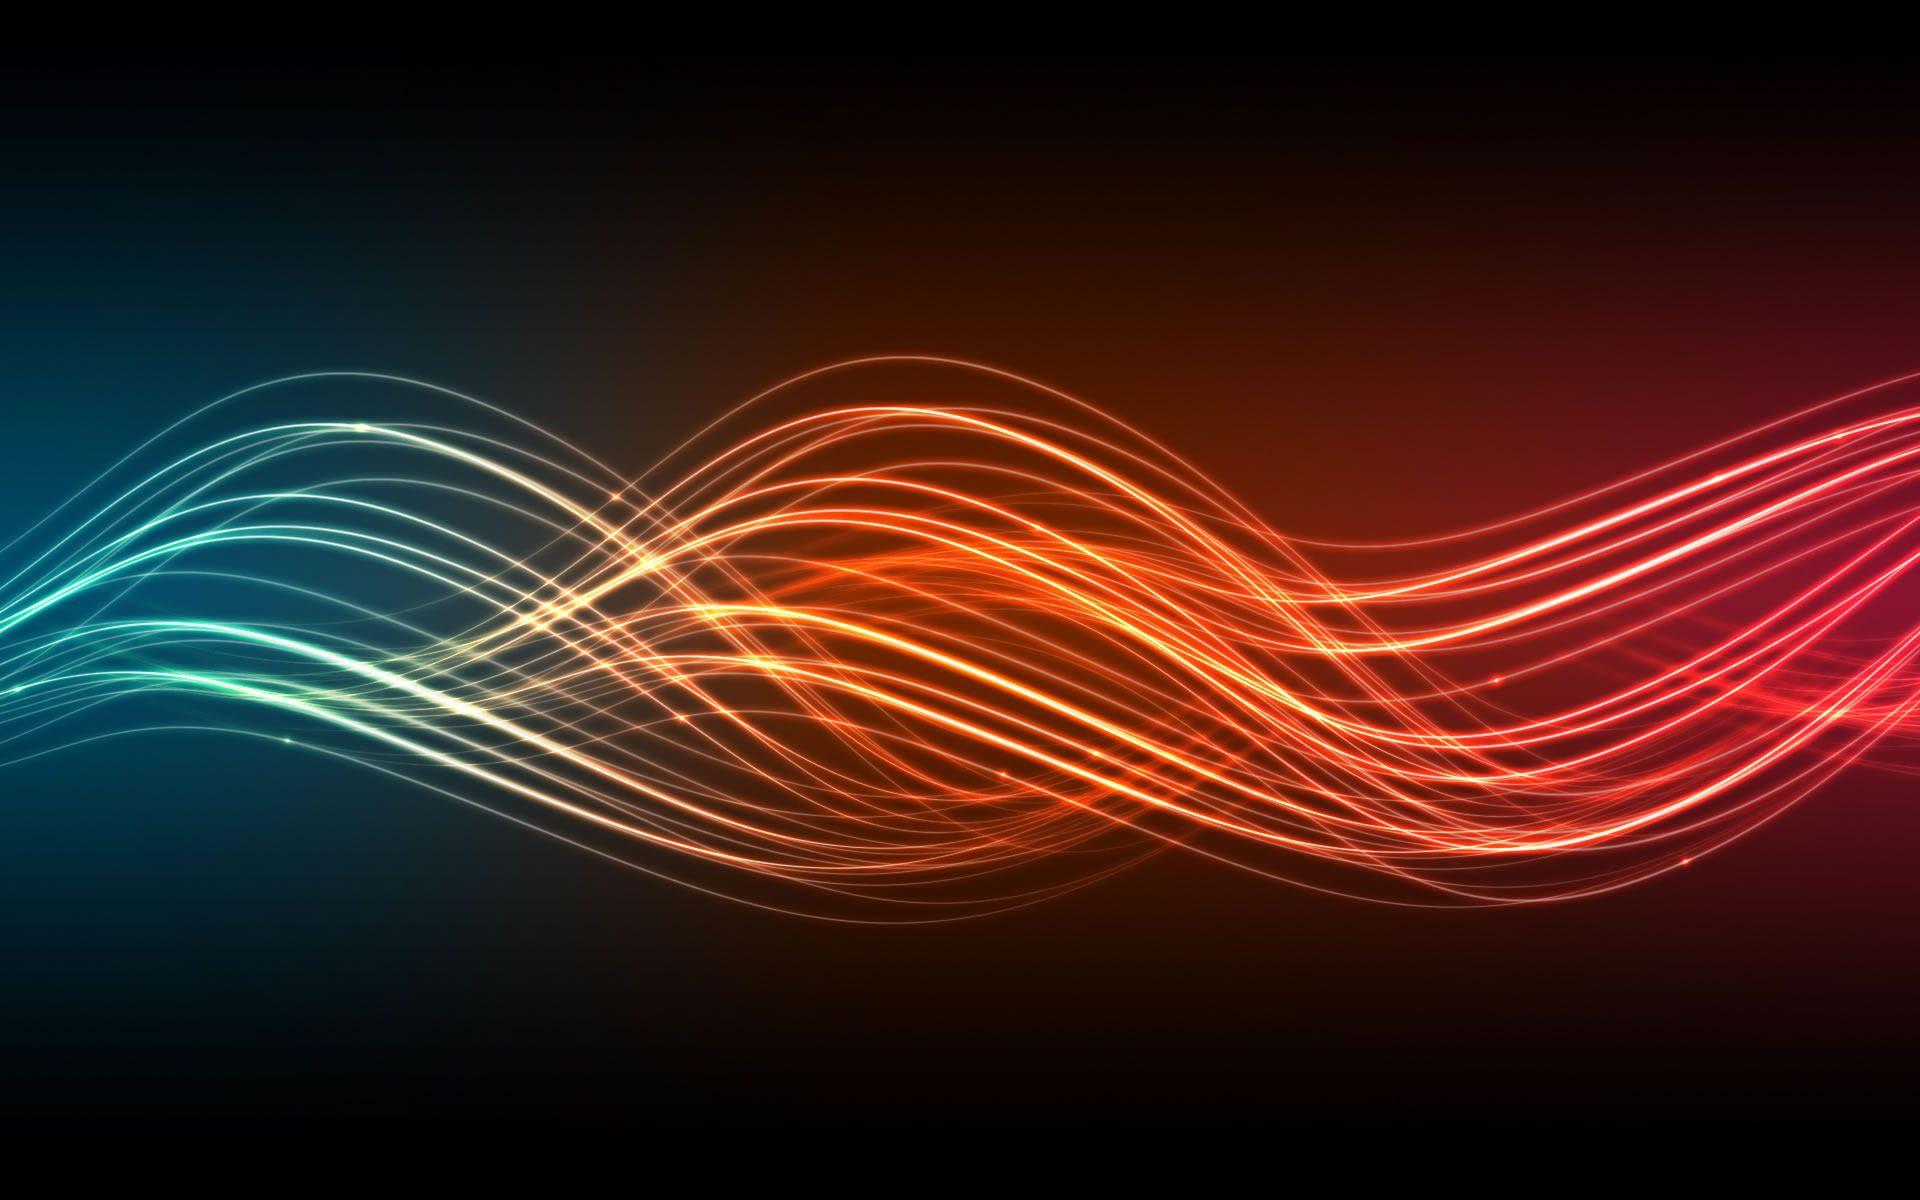 color-waves.jpg (1920×1200)